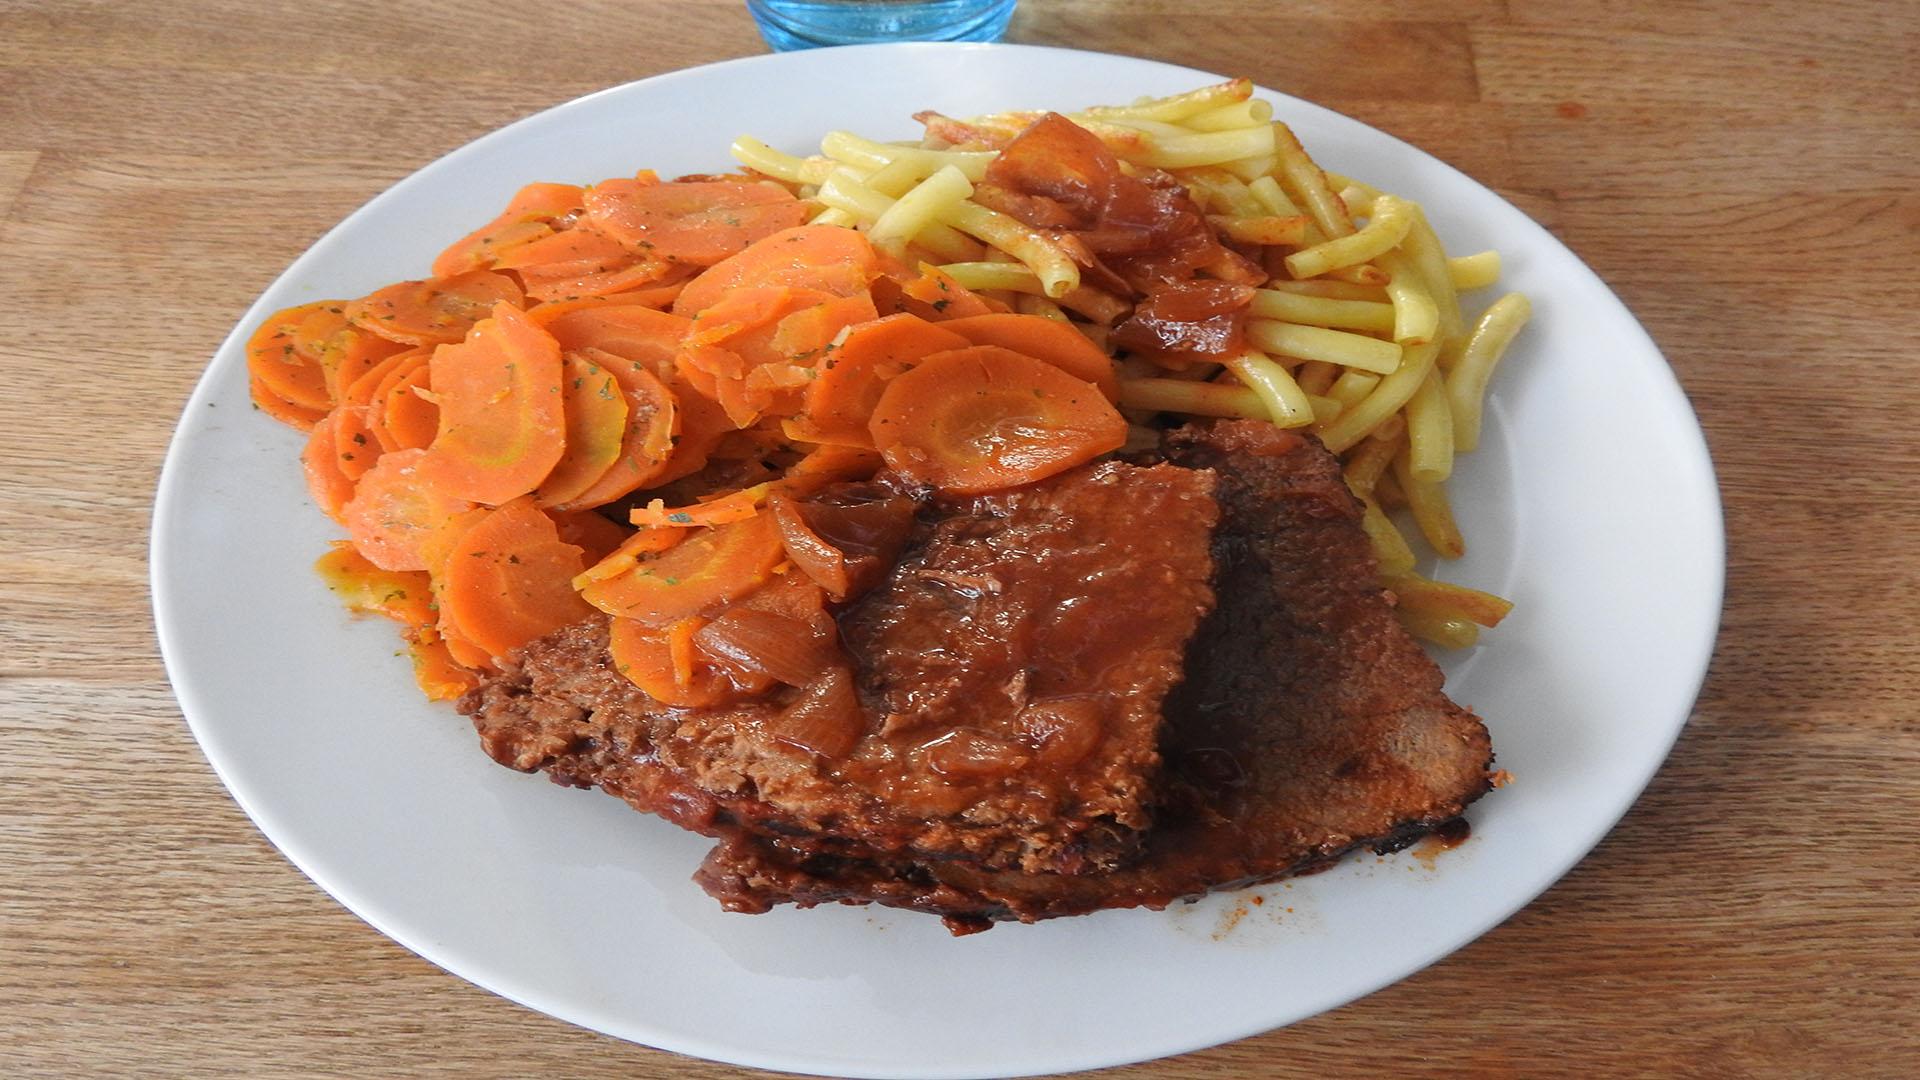 Steakbraten mit Möhren und Nudeln auf Kochen-verstehen.de